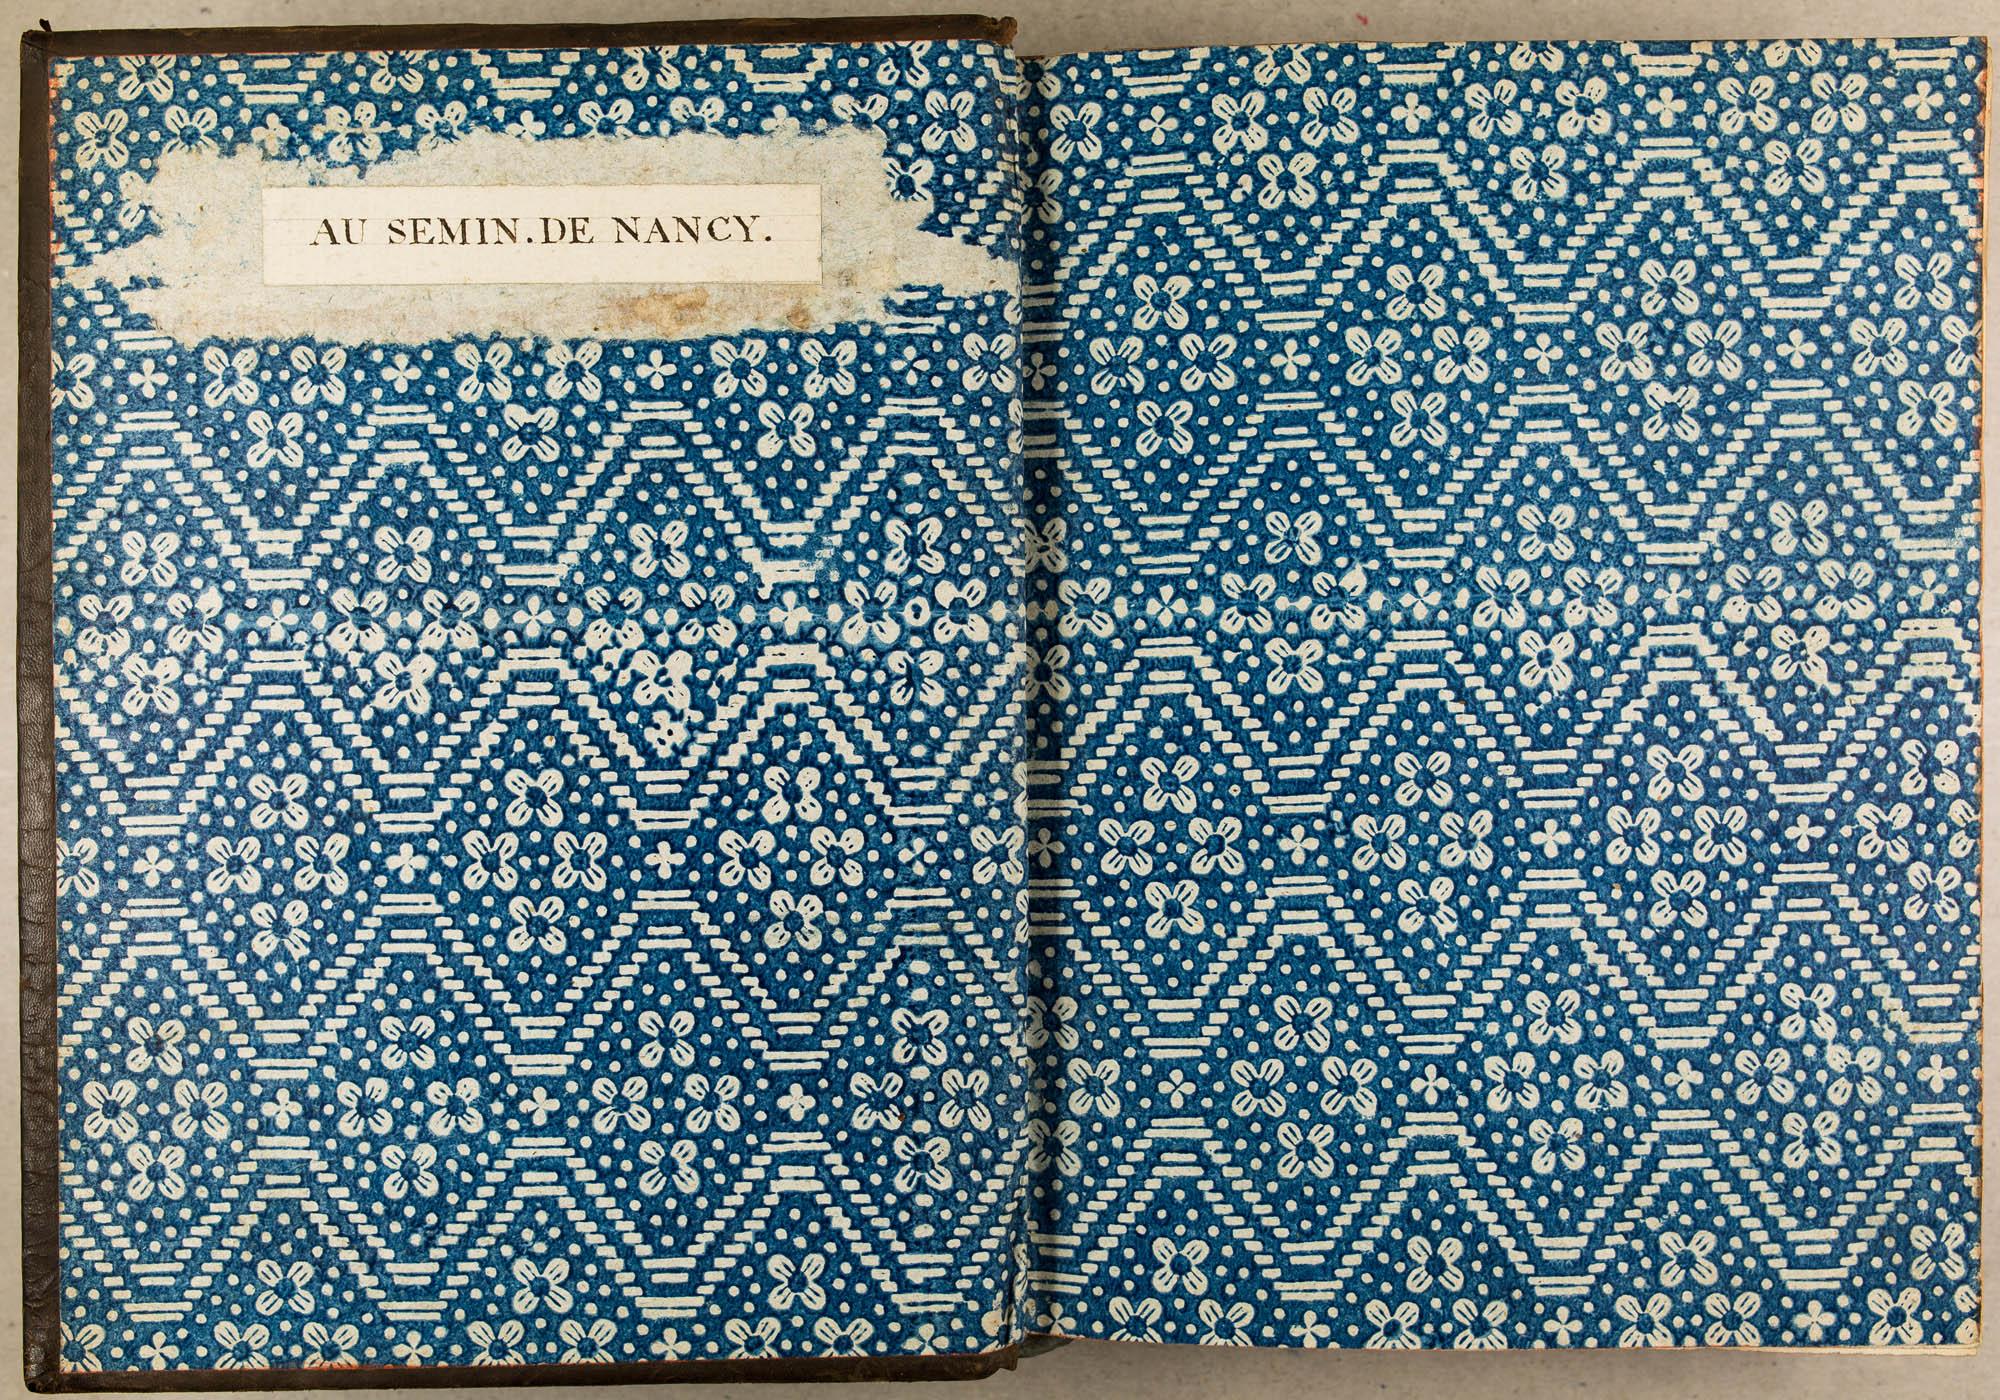 Impression en bleu sur papier blanc. Premières années du XIXe s.